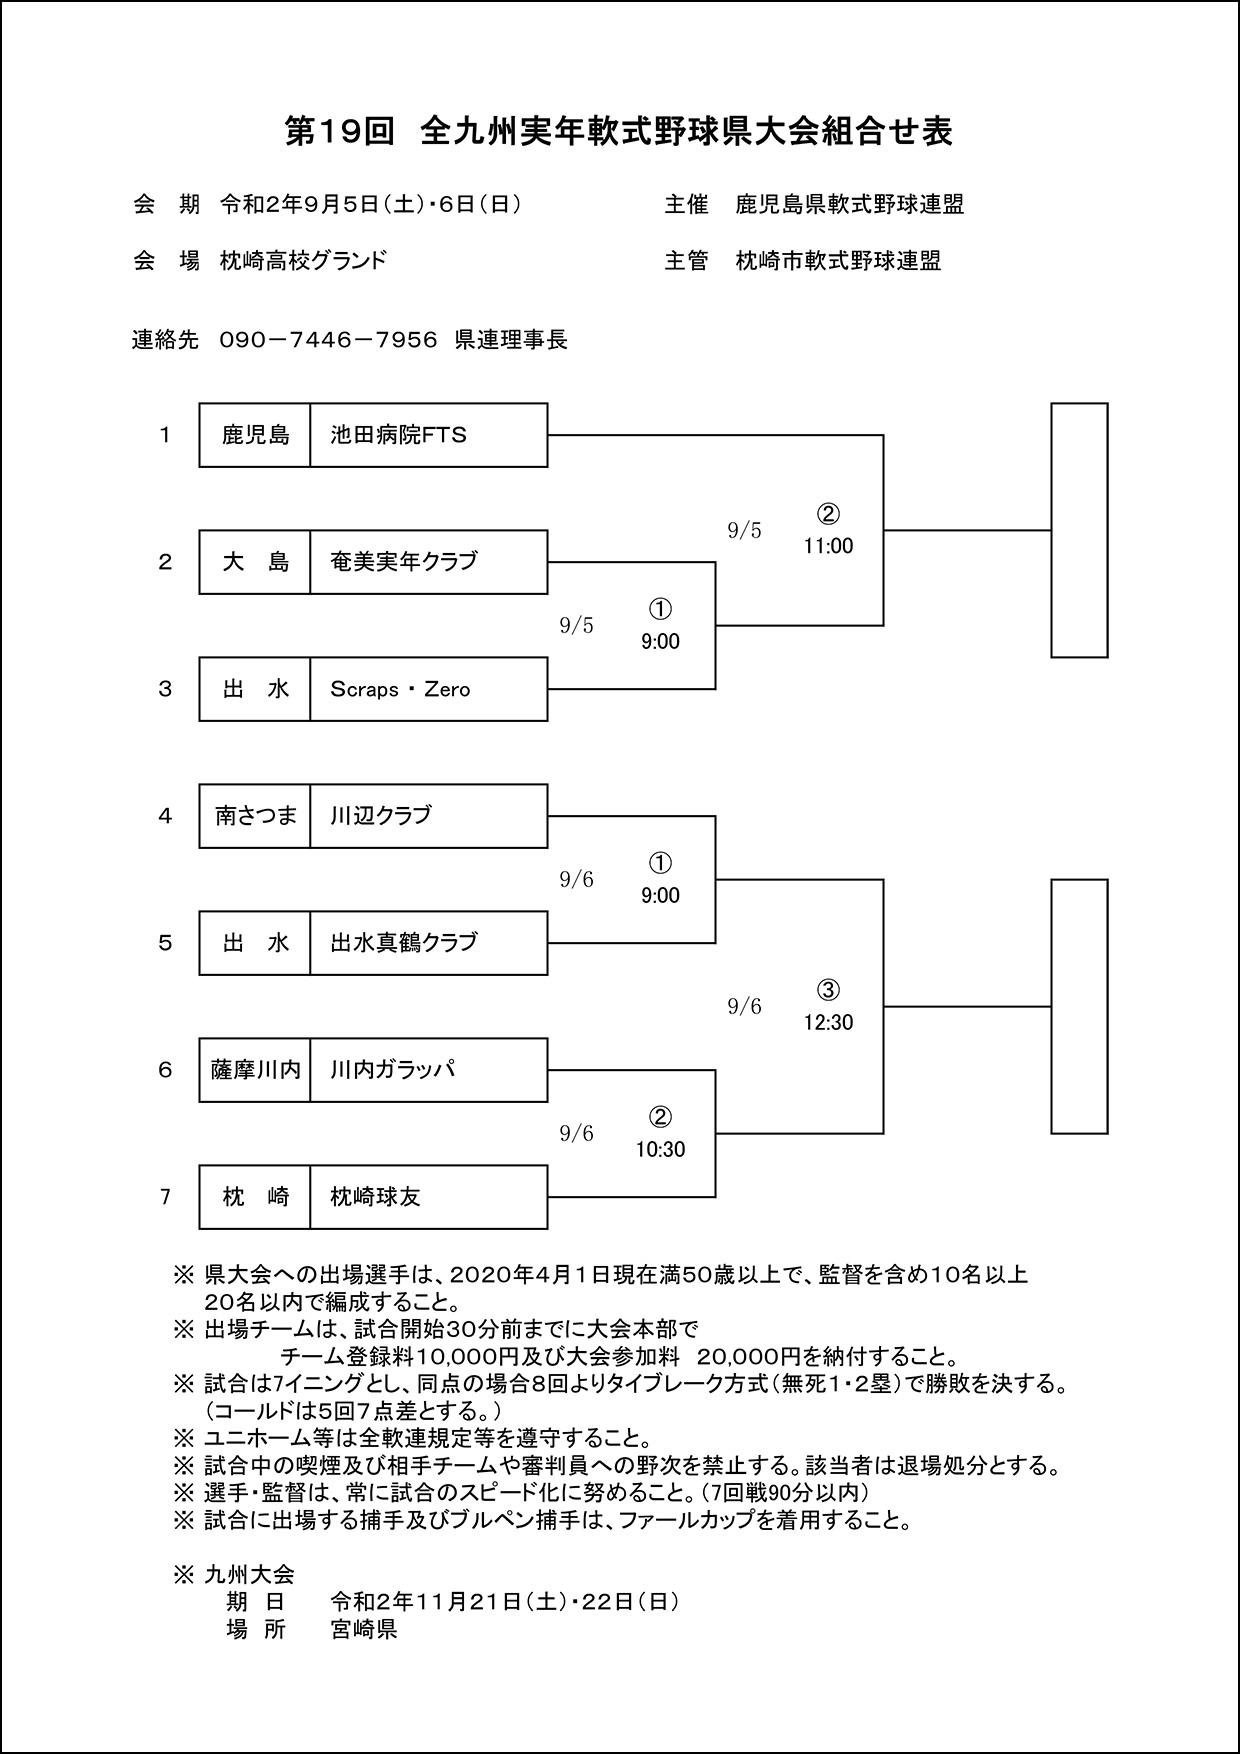 【組合せ】第19回全九州実年軟式野球県大会